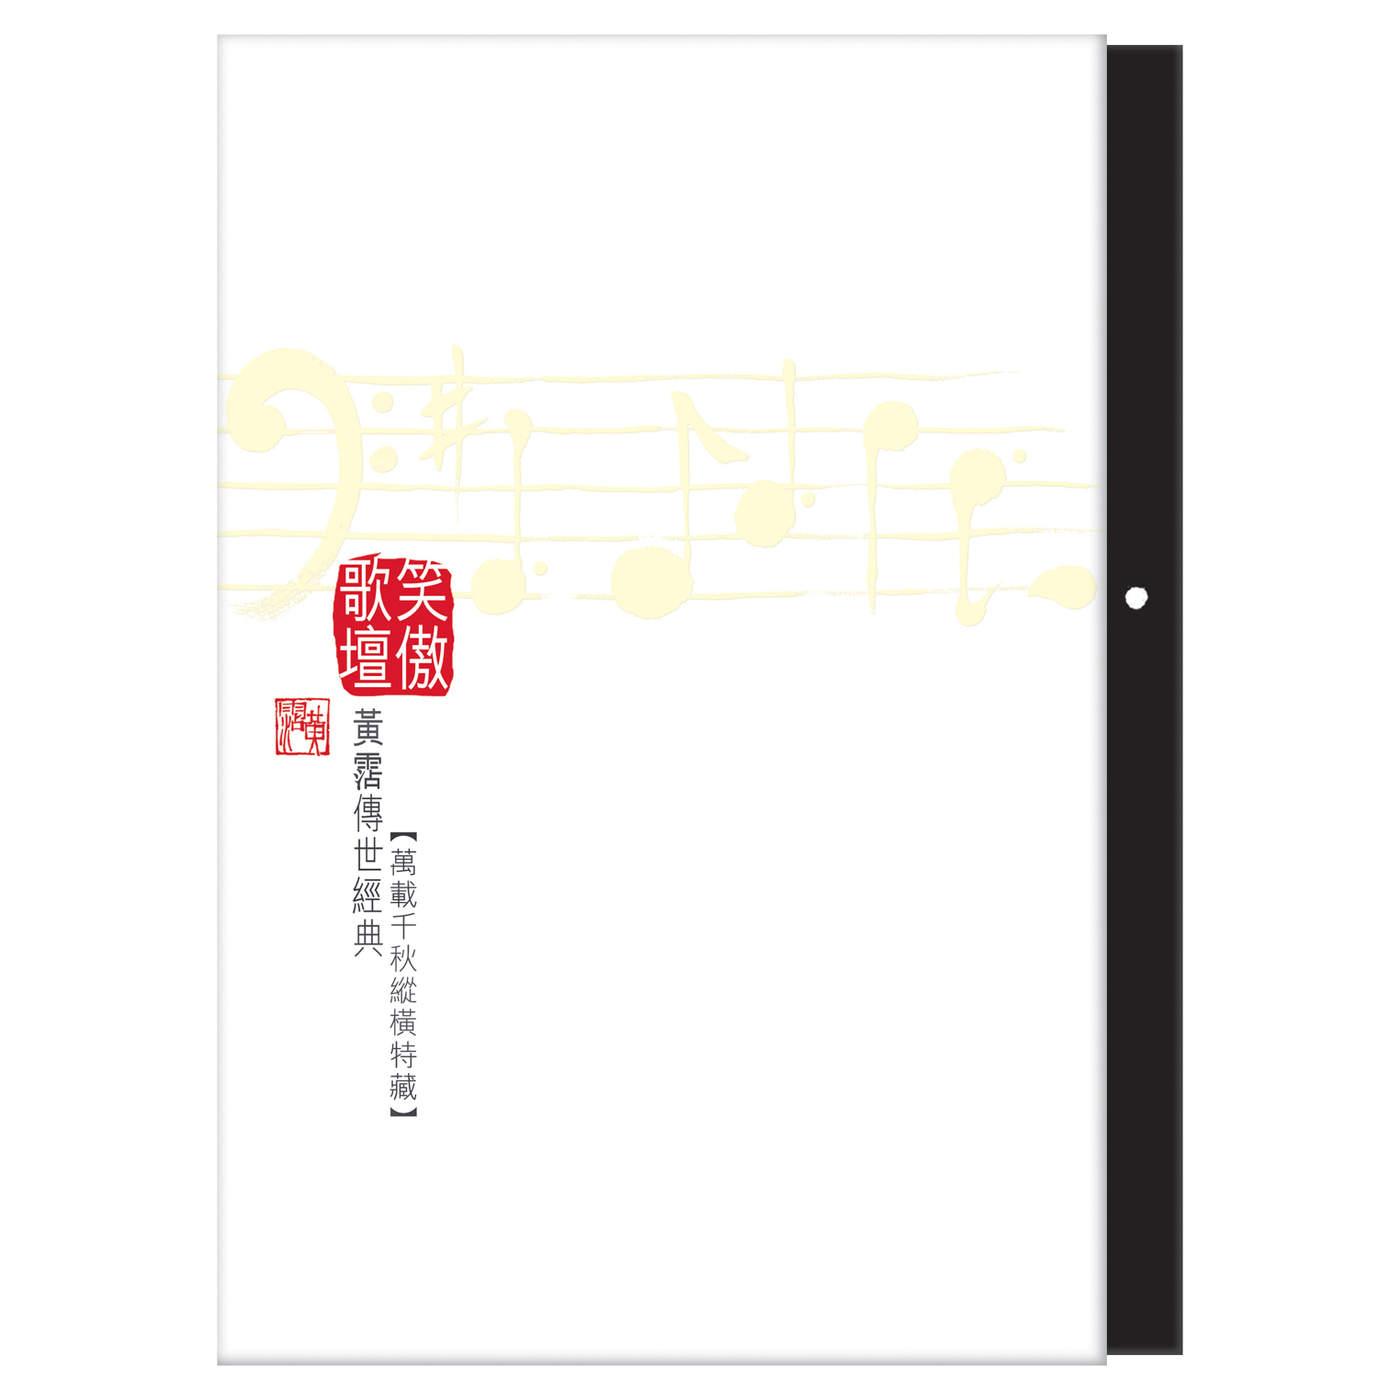 群星 - 笑傲歌坛 黄沾传世经典 (万载千秋纵横特藏)